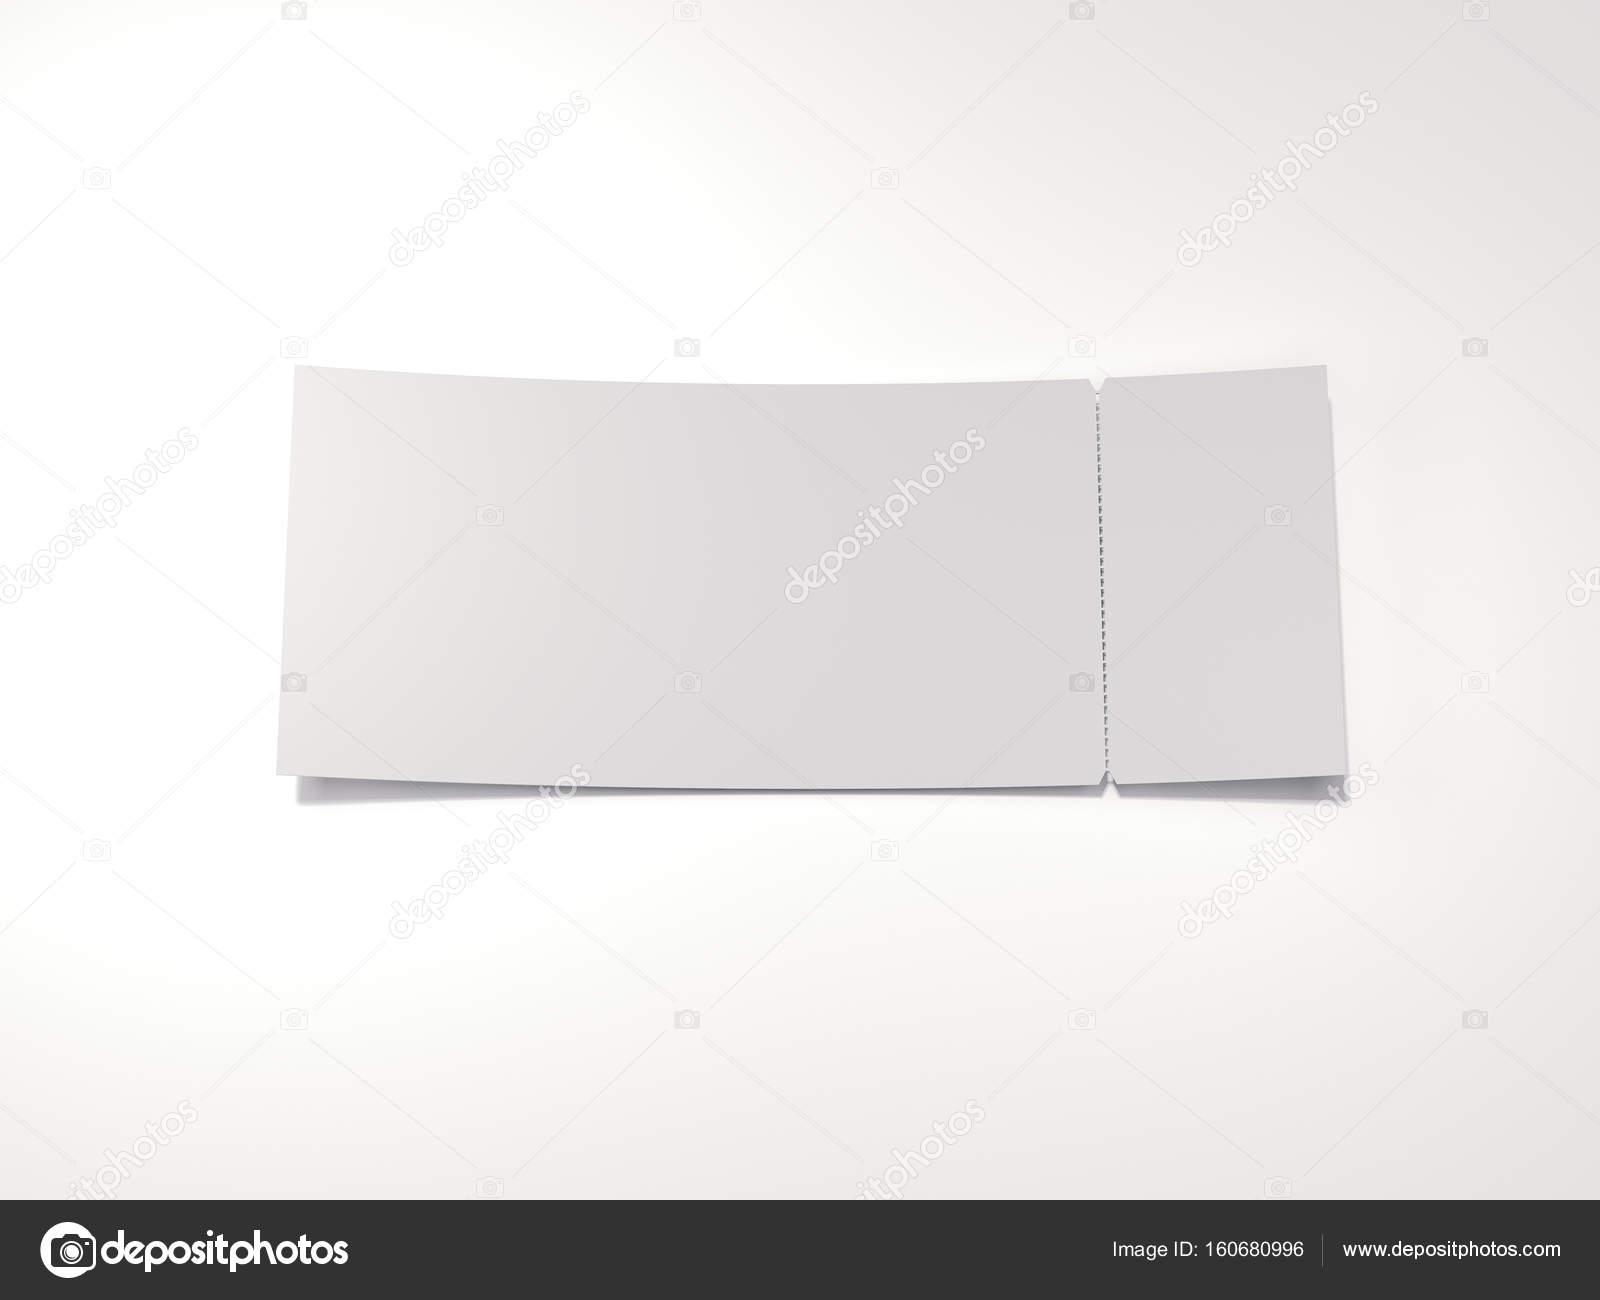 blank tear off ticket 3d rendering stock photo ekostsov 160680996